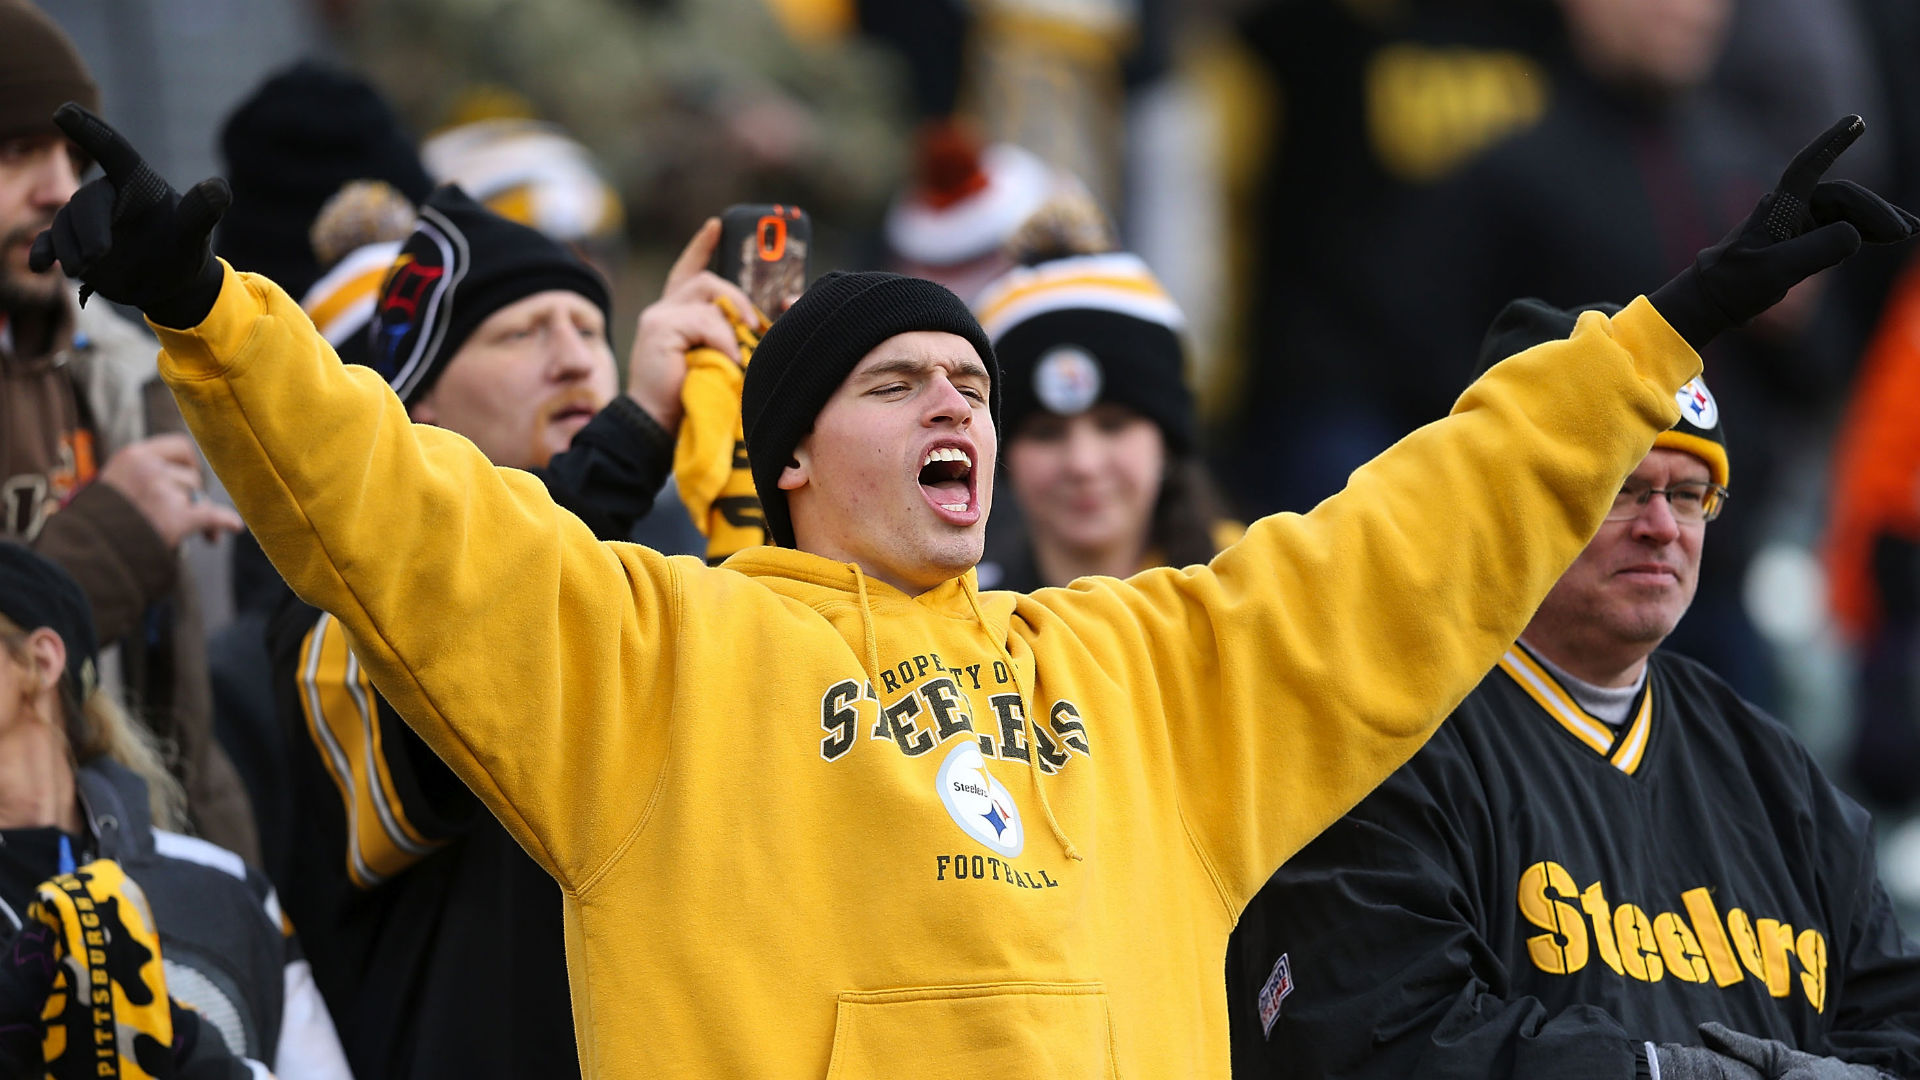 Steelers_fans_Getty_1216_ftr